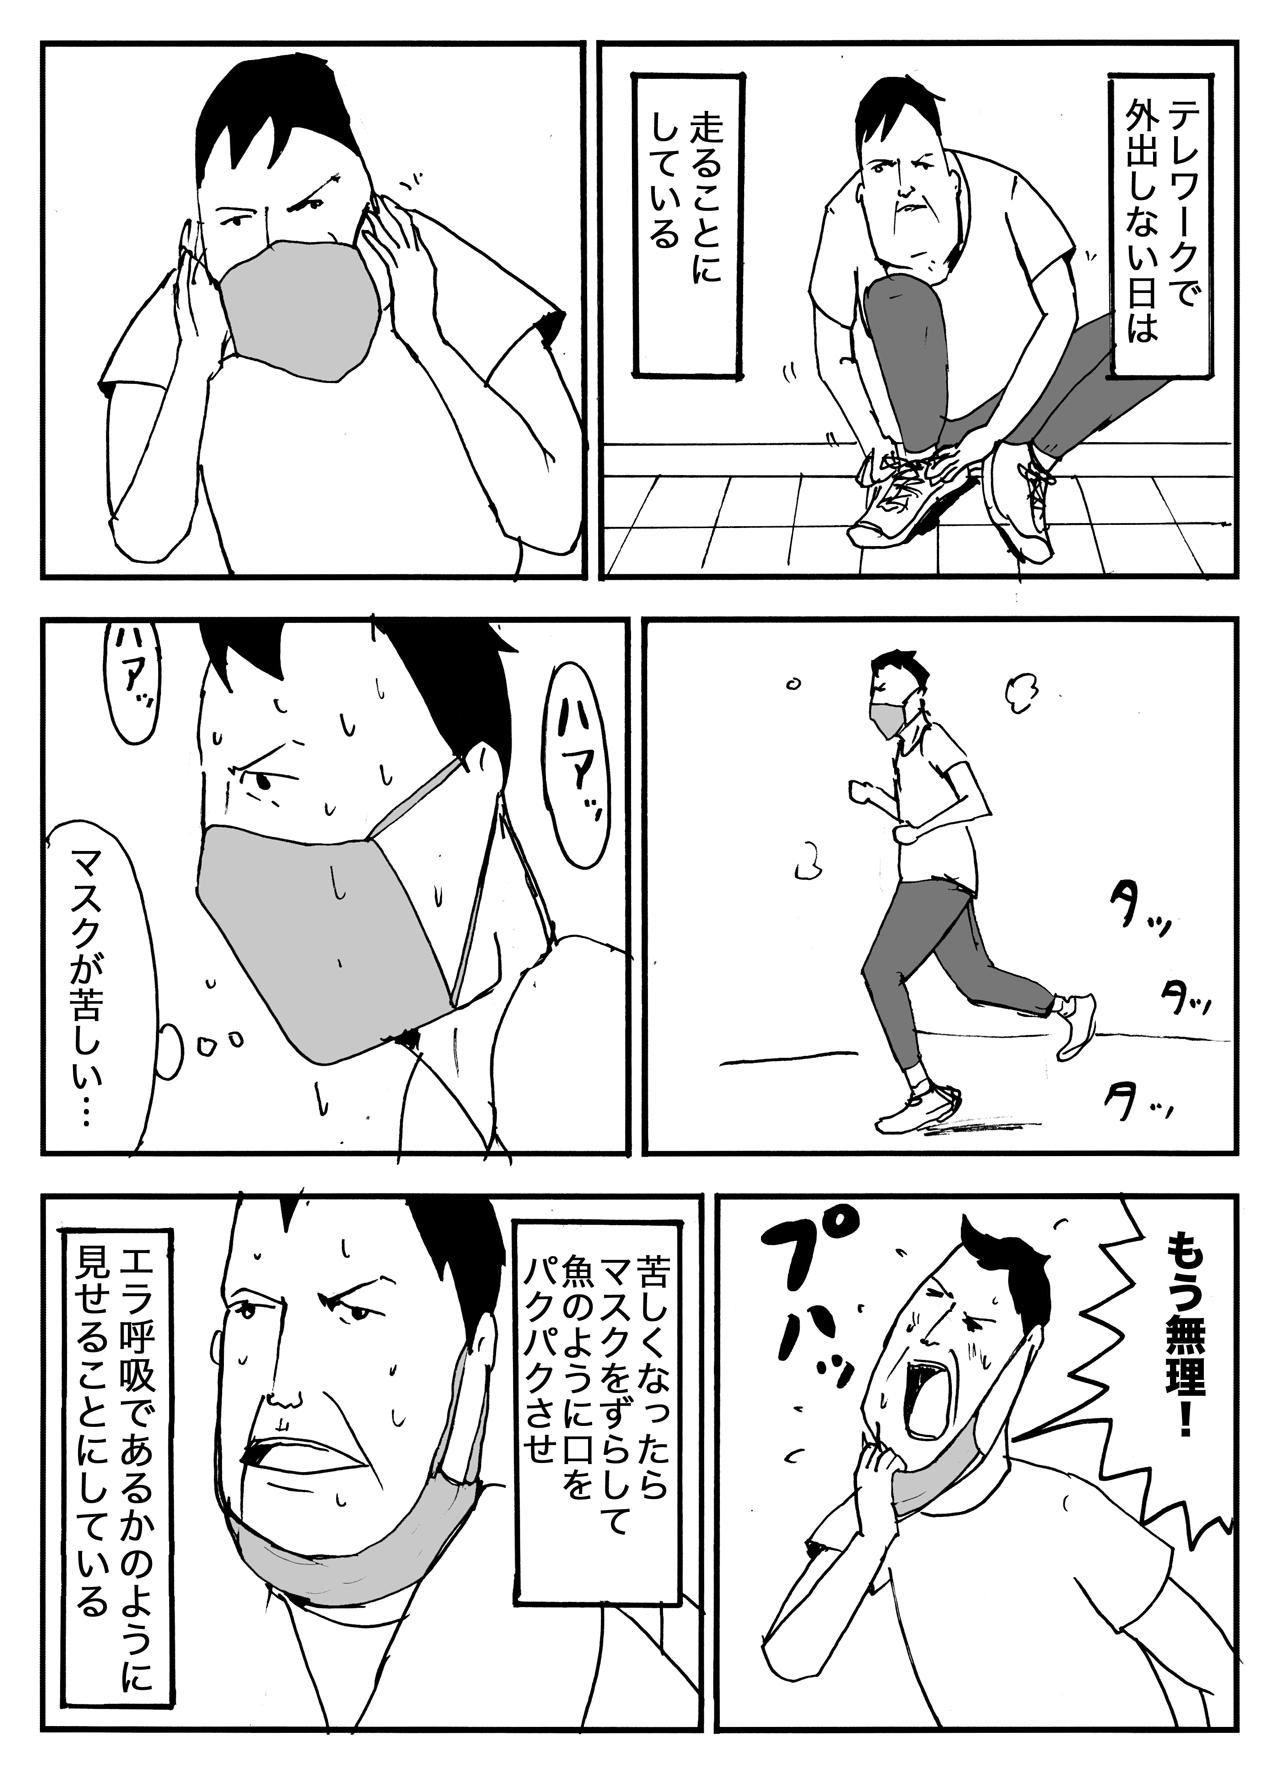 走るおじさん